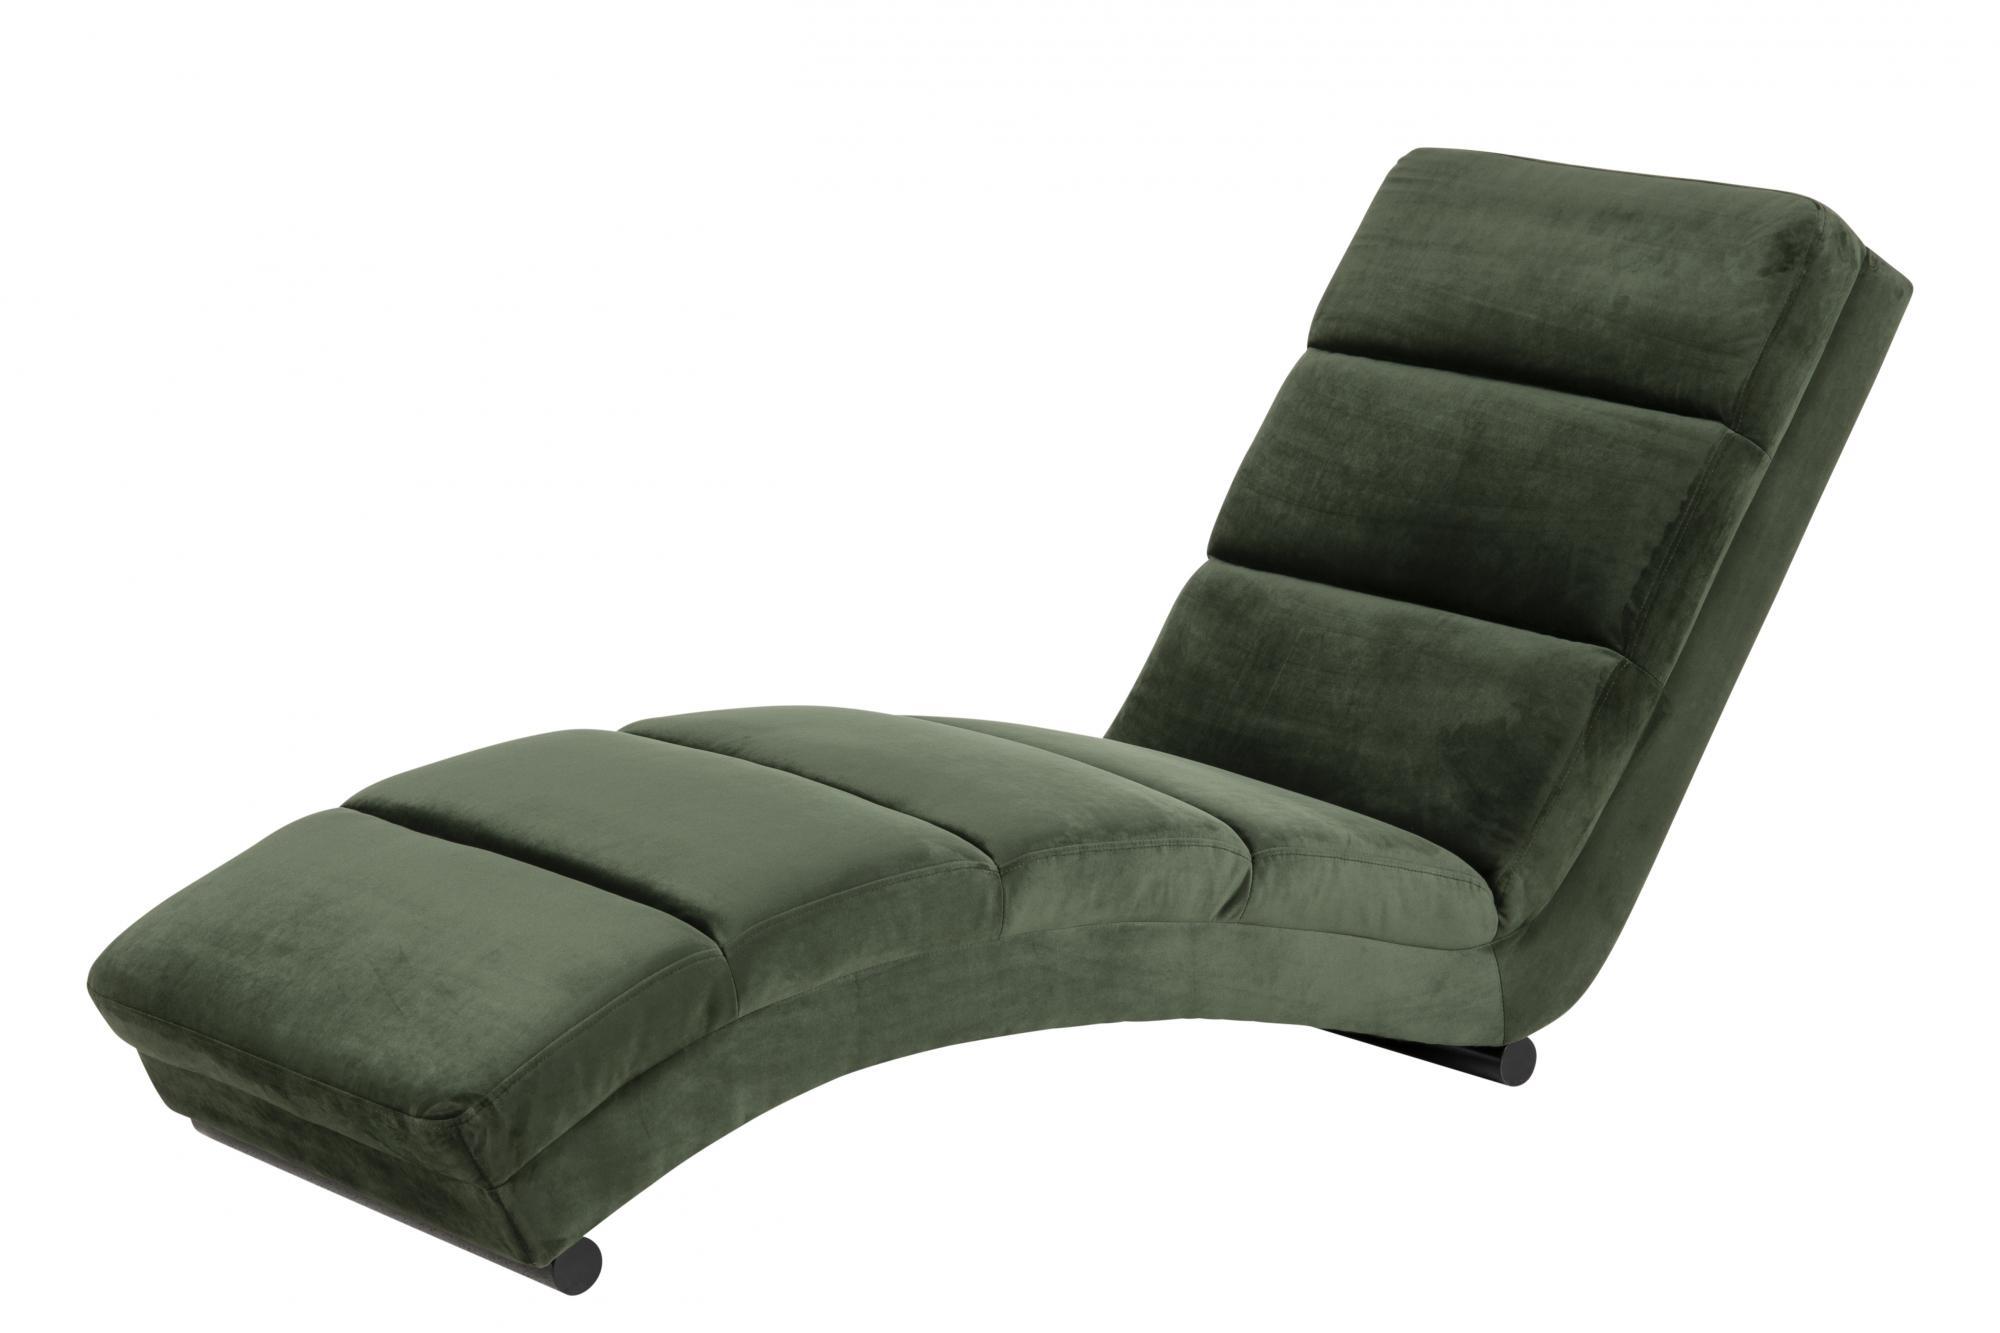 Relaxačné kreslo SLINKY, zelená